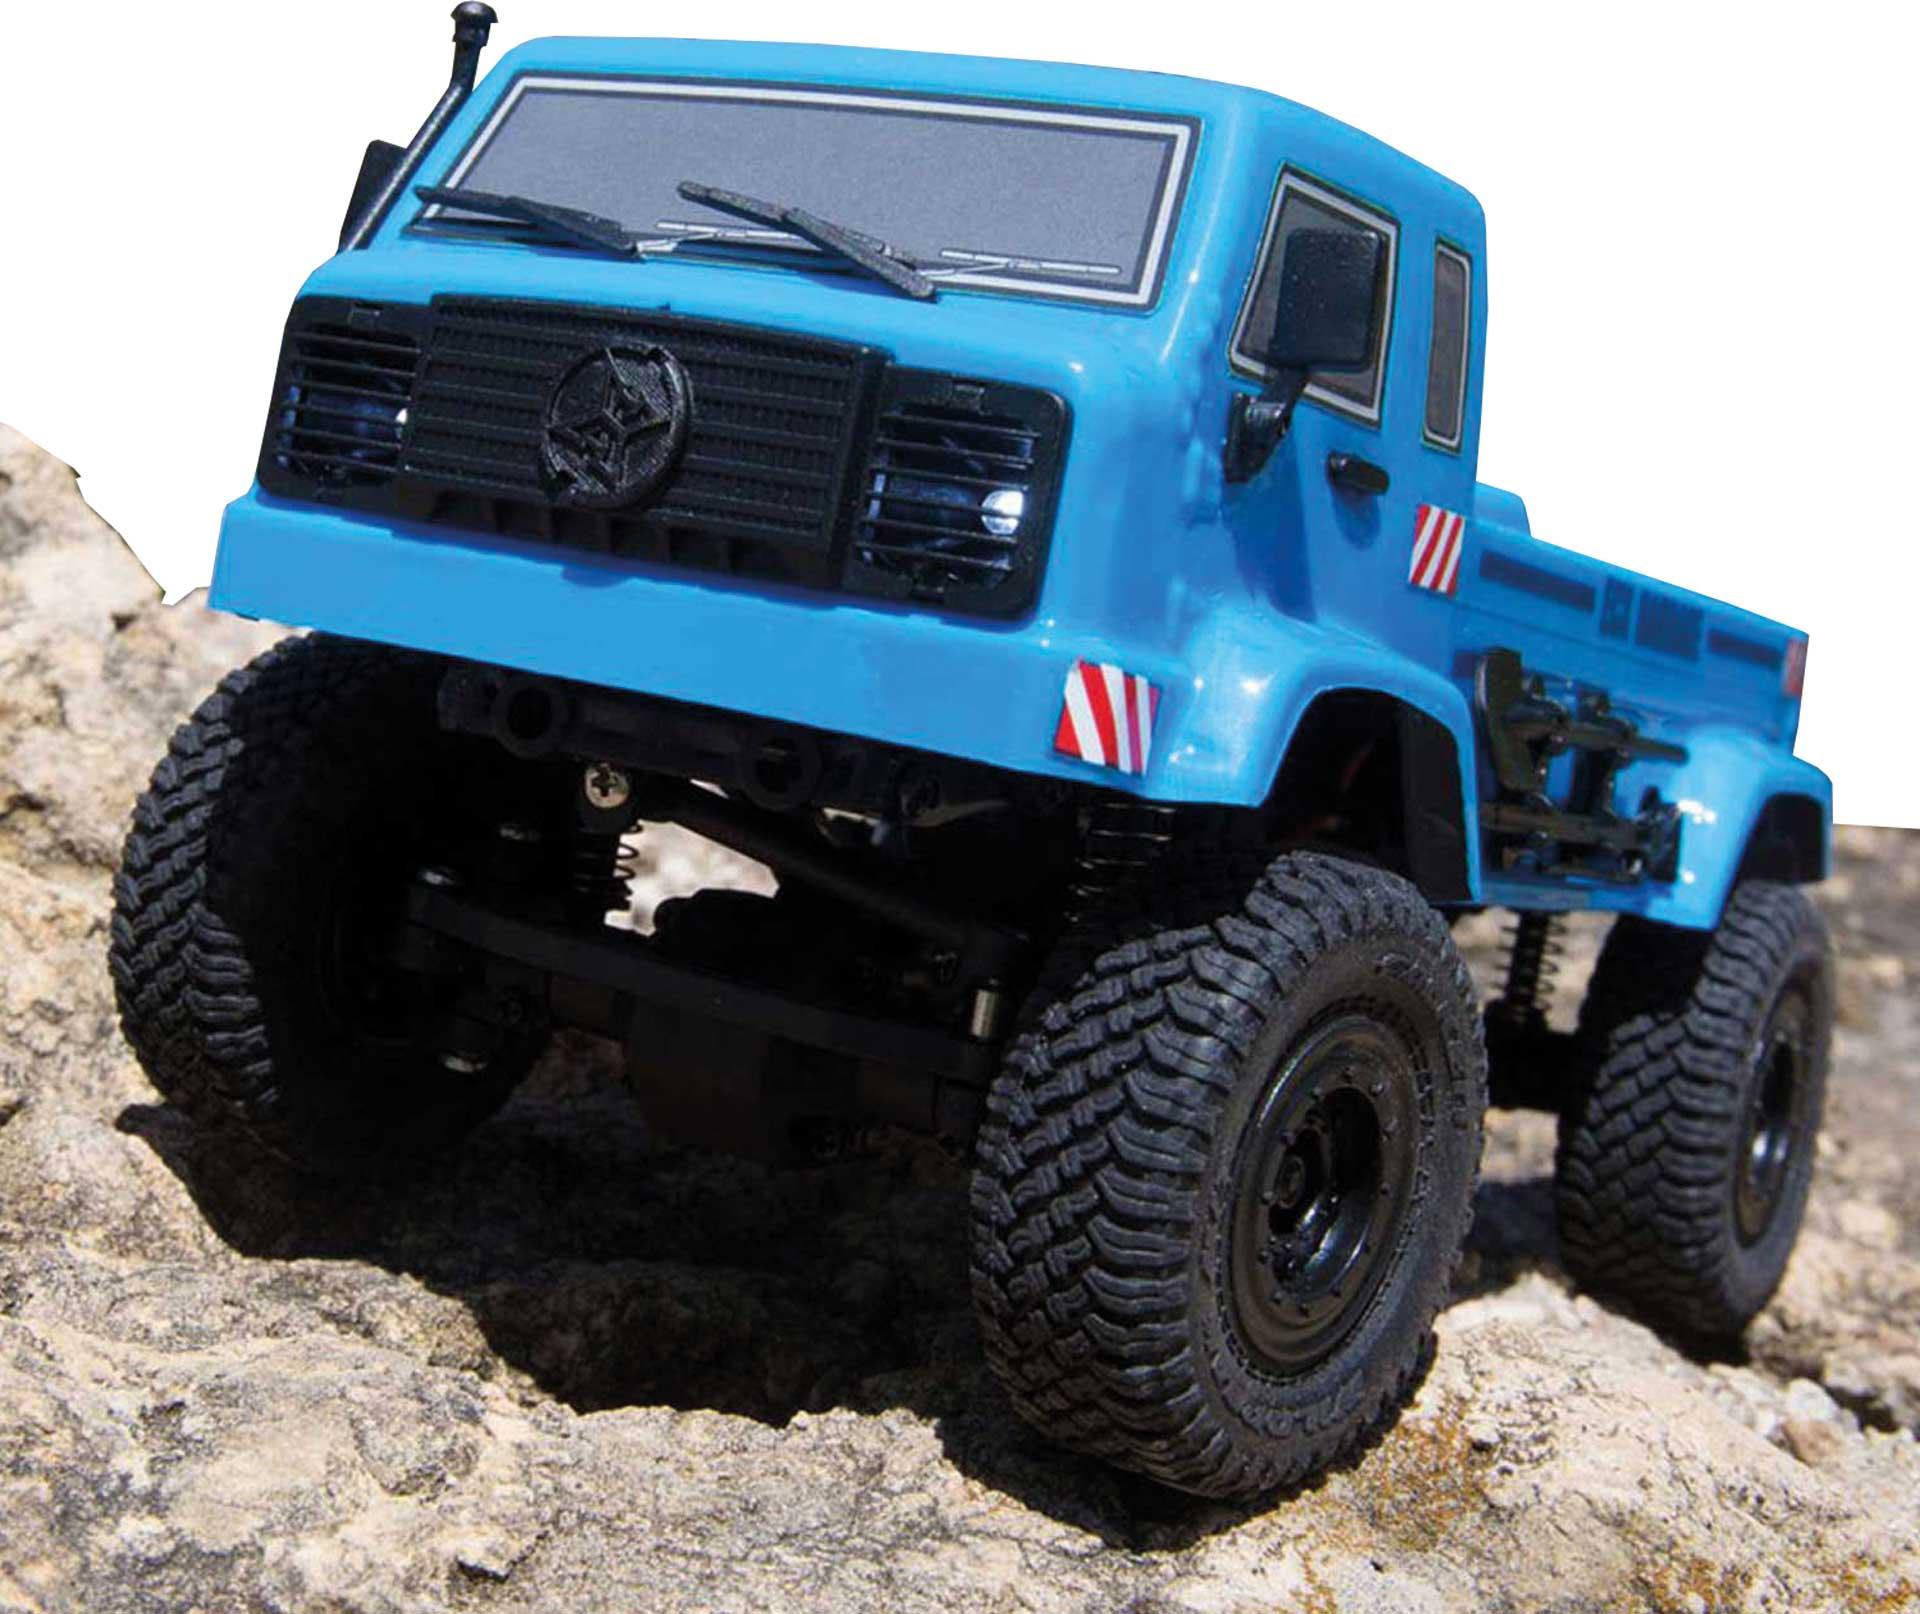 ECX BARRAGE UV 4WD SCALER CRAWLER RTR BLAU 1/24